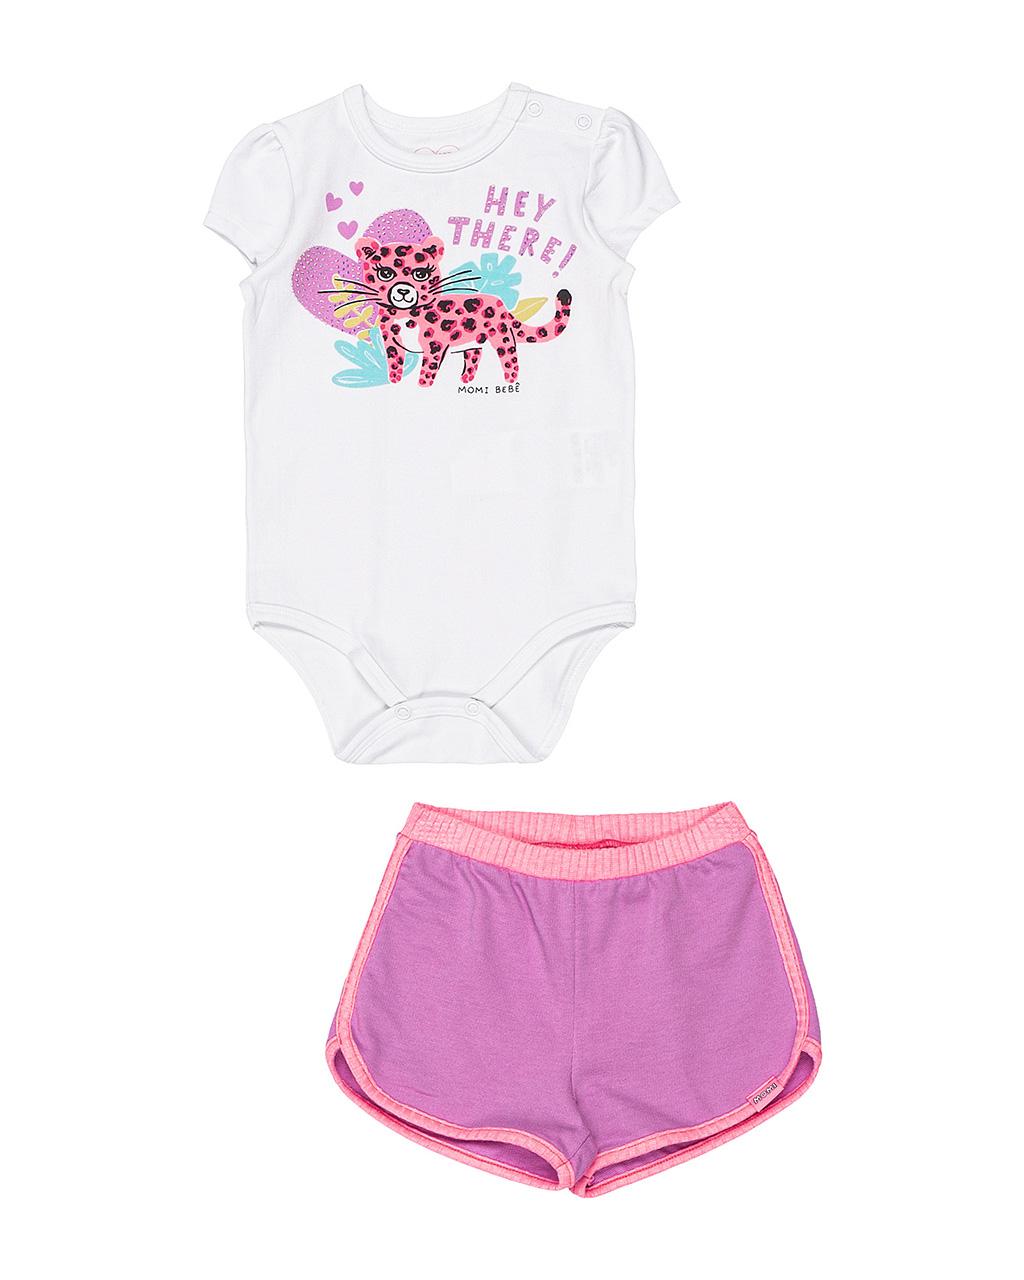 Conjunto Bebê Body e Shorts Hey There Momi